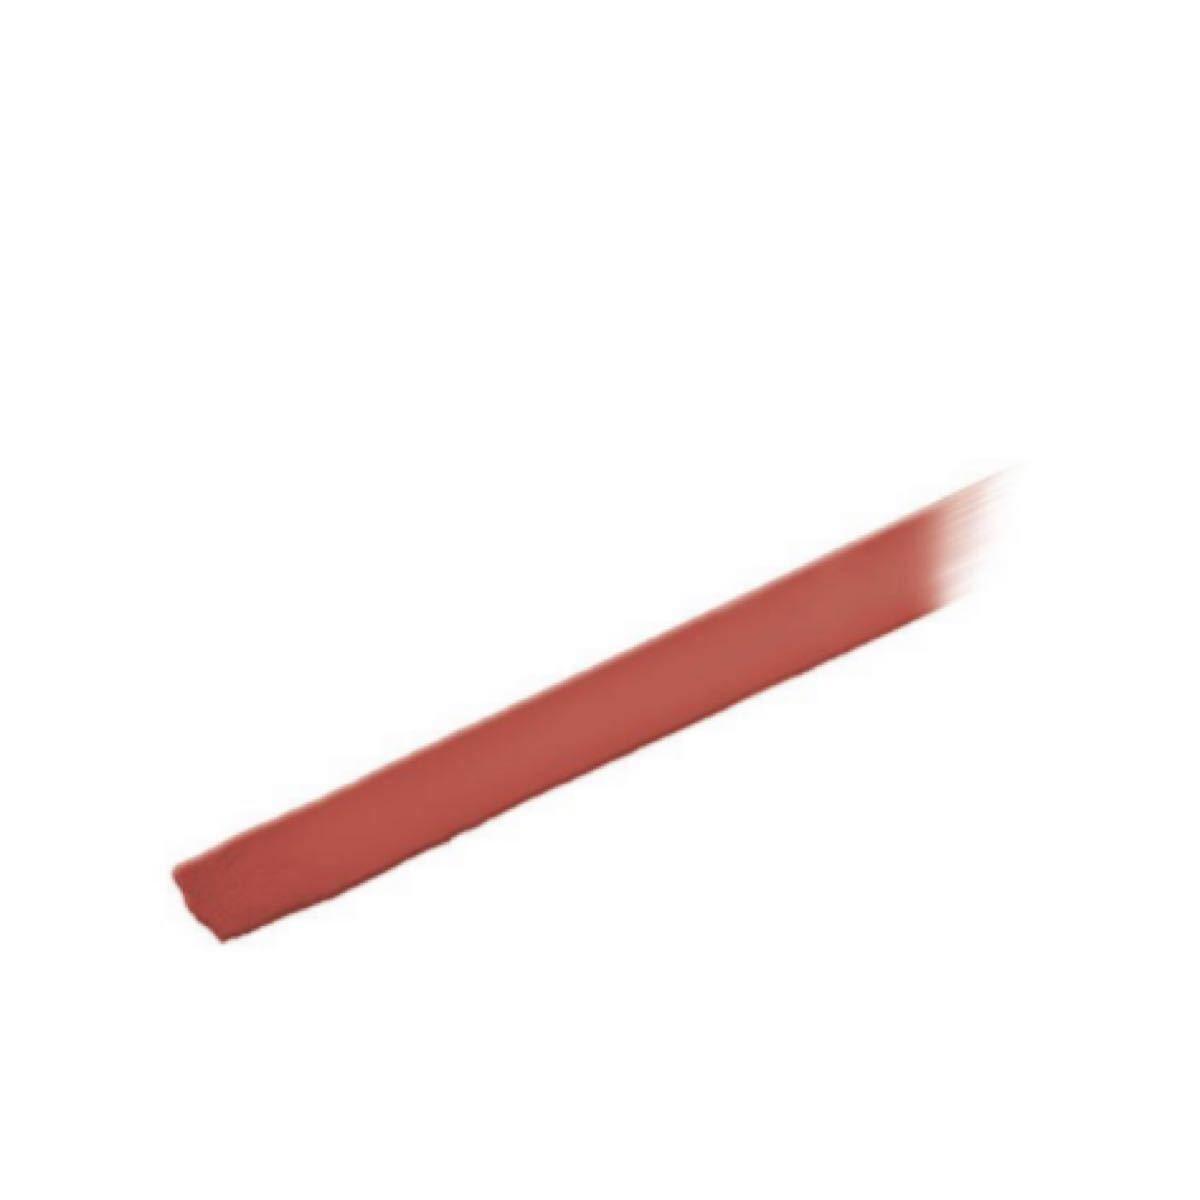 YSL イヴ・サンローラン ルージュ ピュールクチュール ザ スリム ベルベットラディカル 302 口紅 ローズ ウッド ブラウン